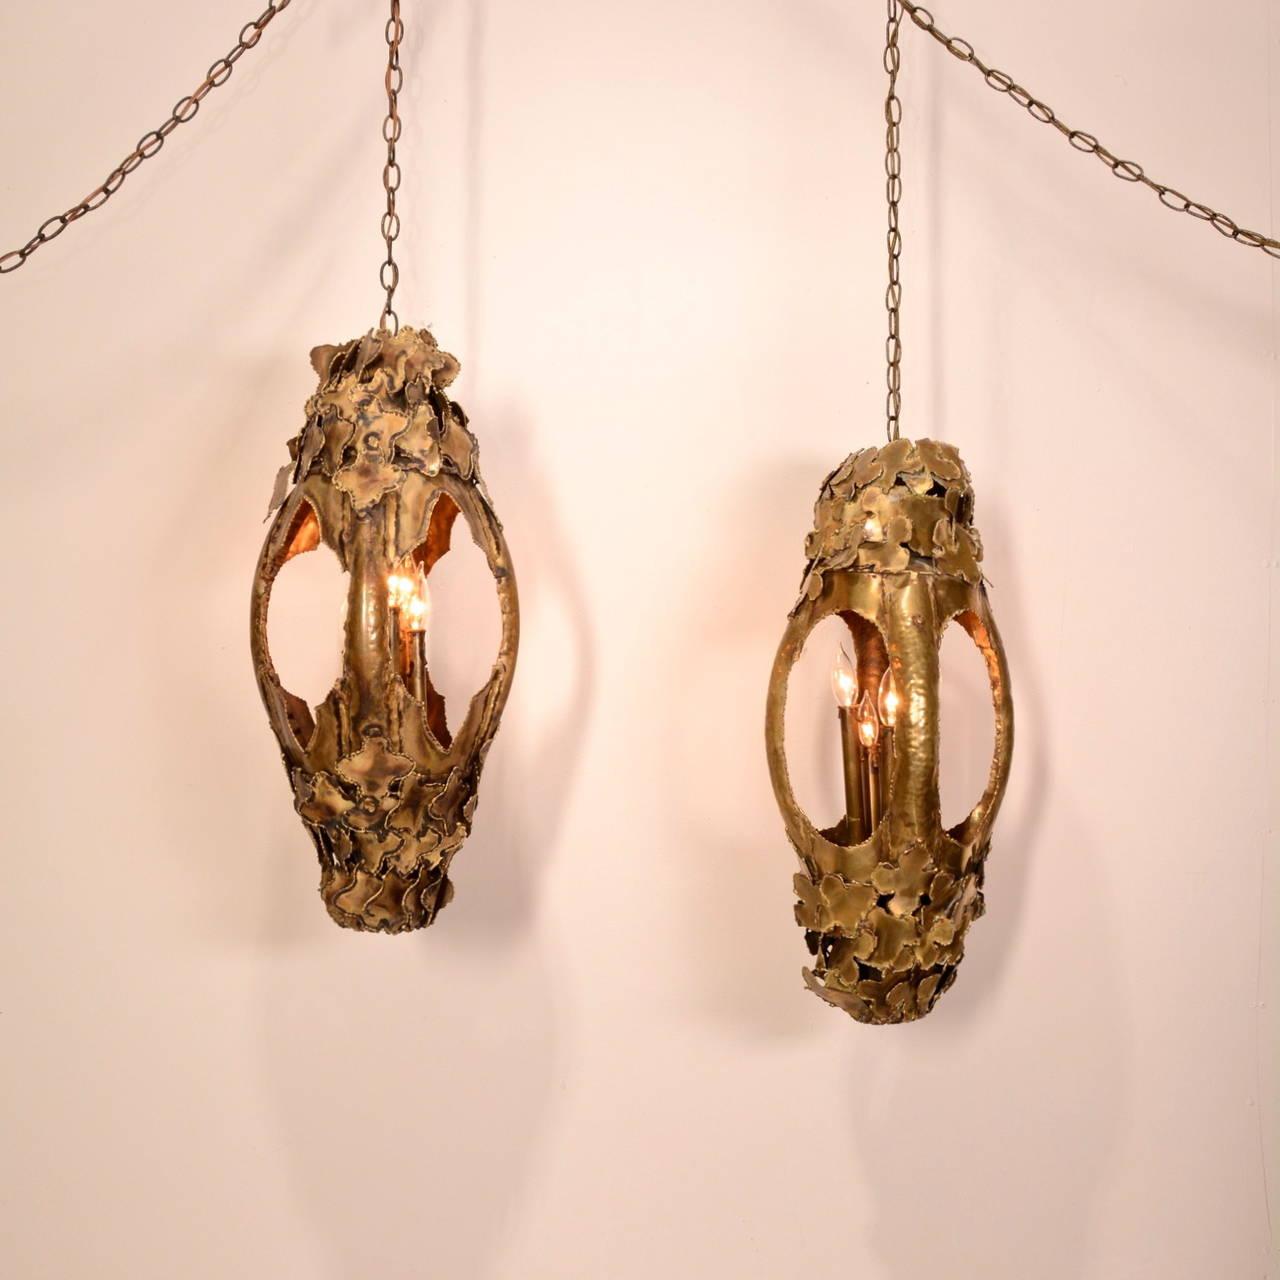 American Tom Greene for Feldman Pendant Brutalist Lantern Torch-Cut Brass For Sale